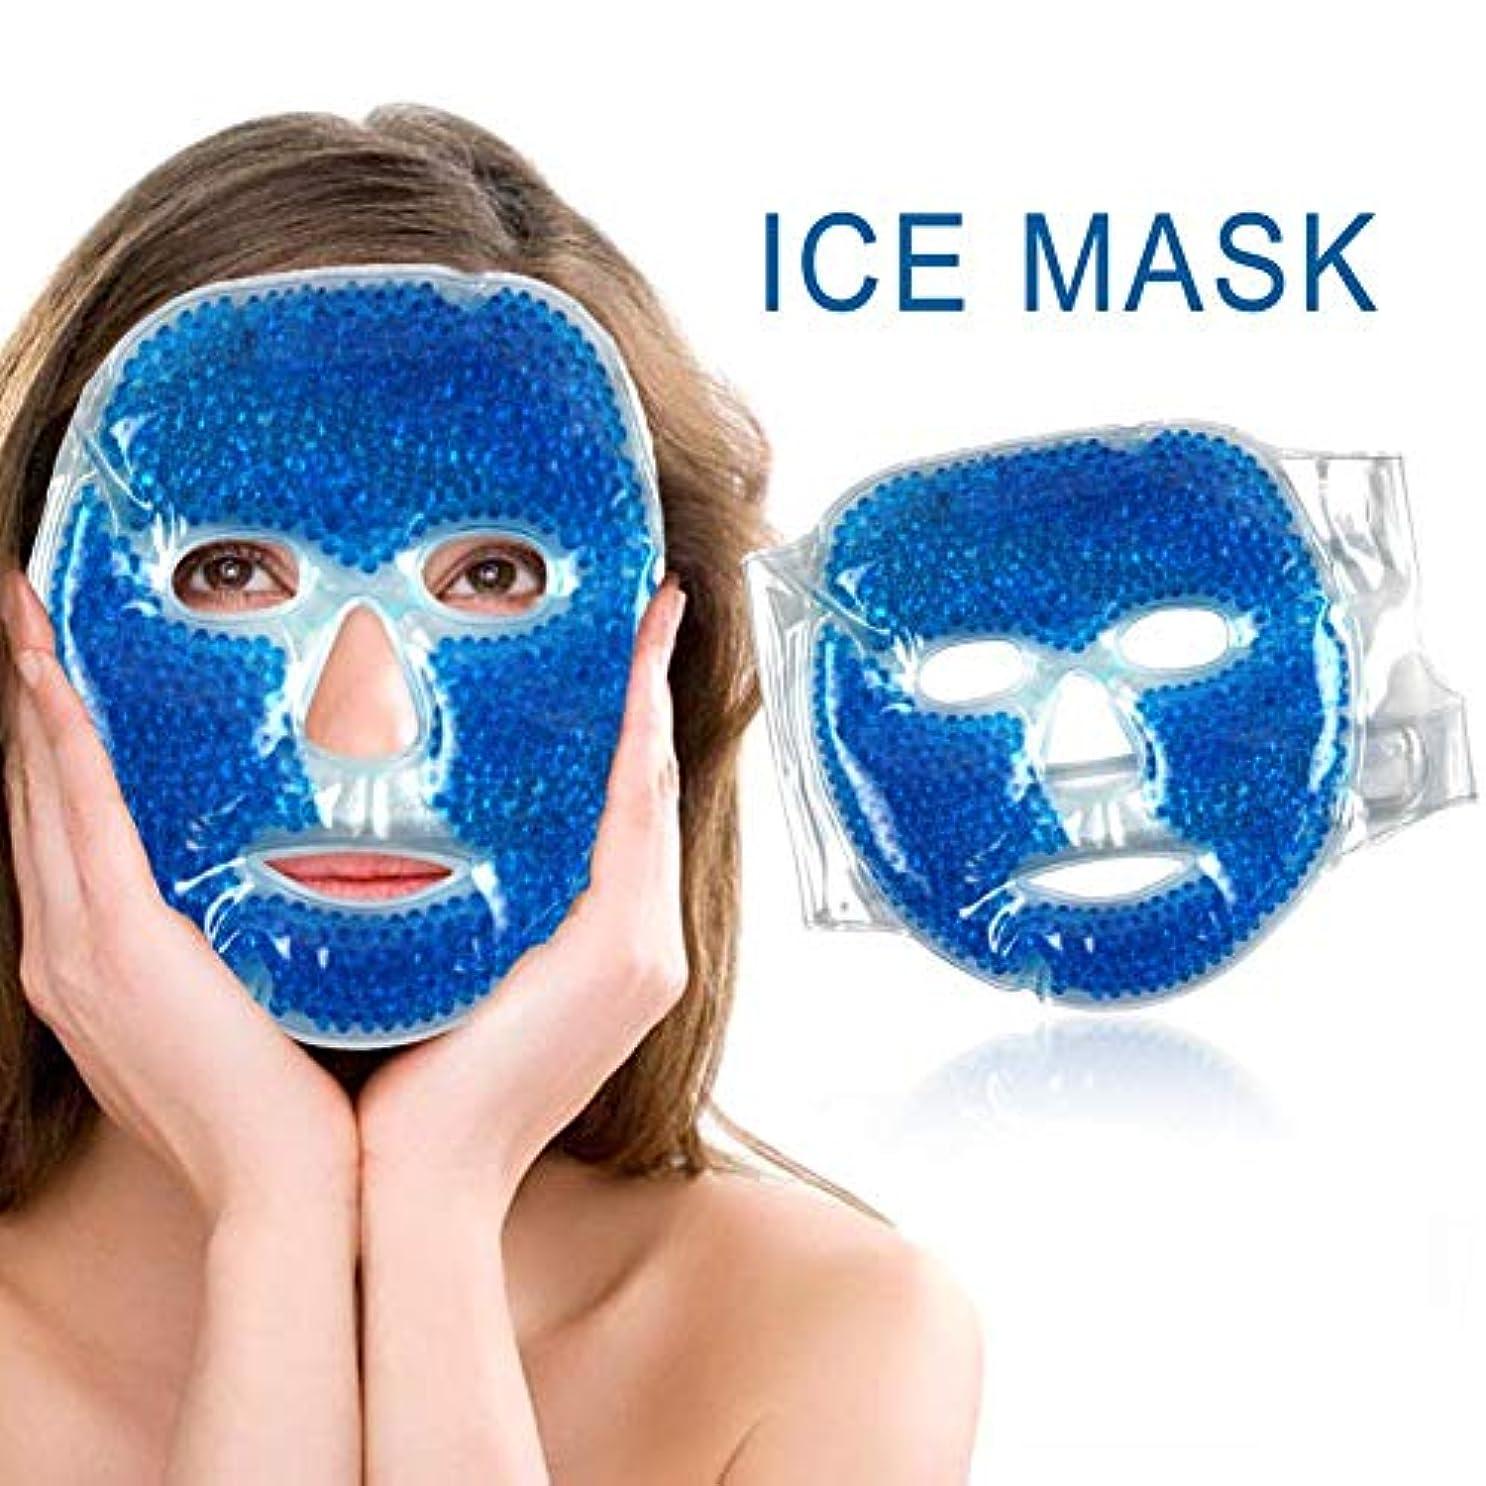 祈るピケ免疫SILUN フェイスマスク 冷温兼用 アイスマスク 美容用 再利用可能 毛細血管収縮 疲労緩和 肌ケア 保湿 吸収しやすい 美容マッサージ